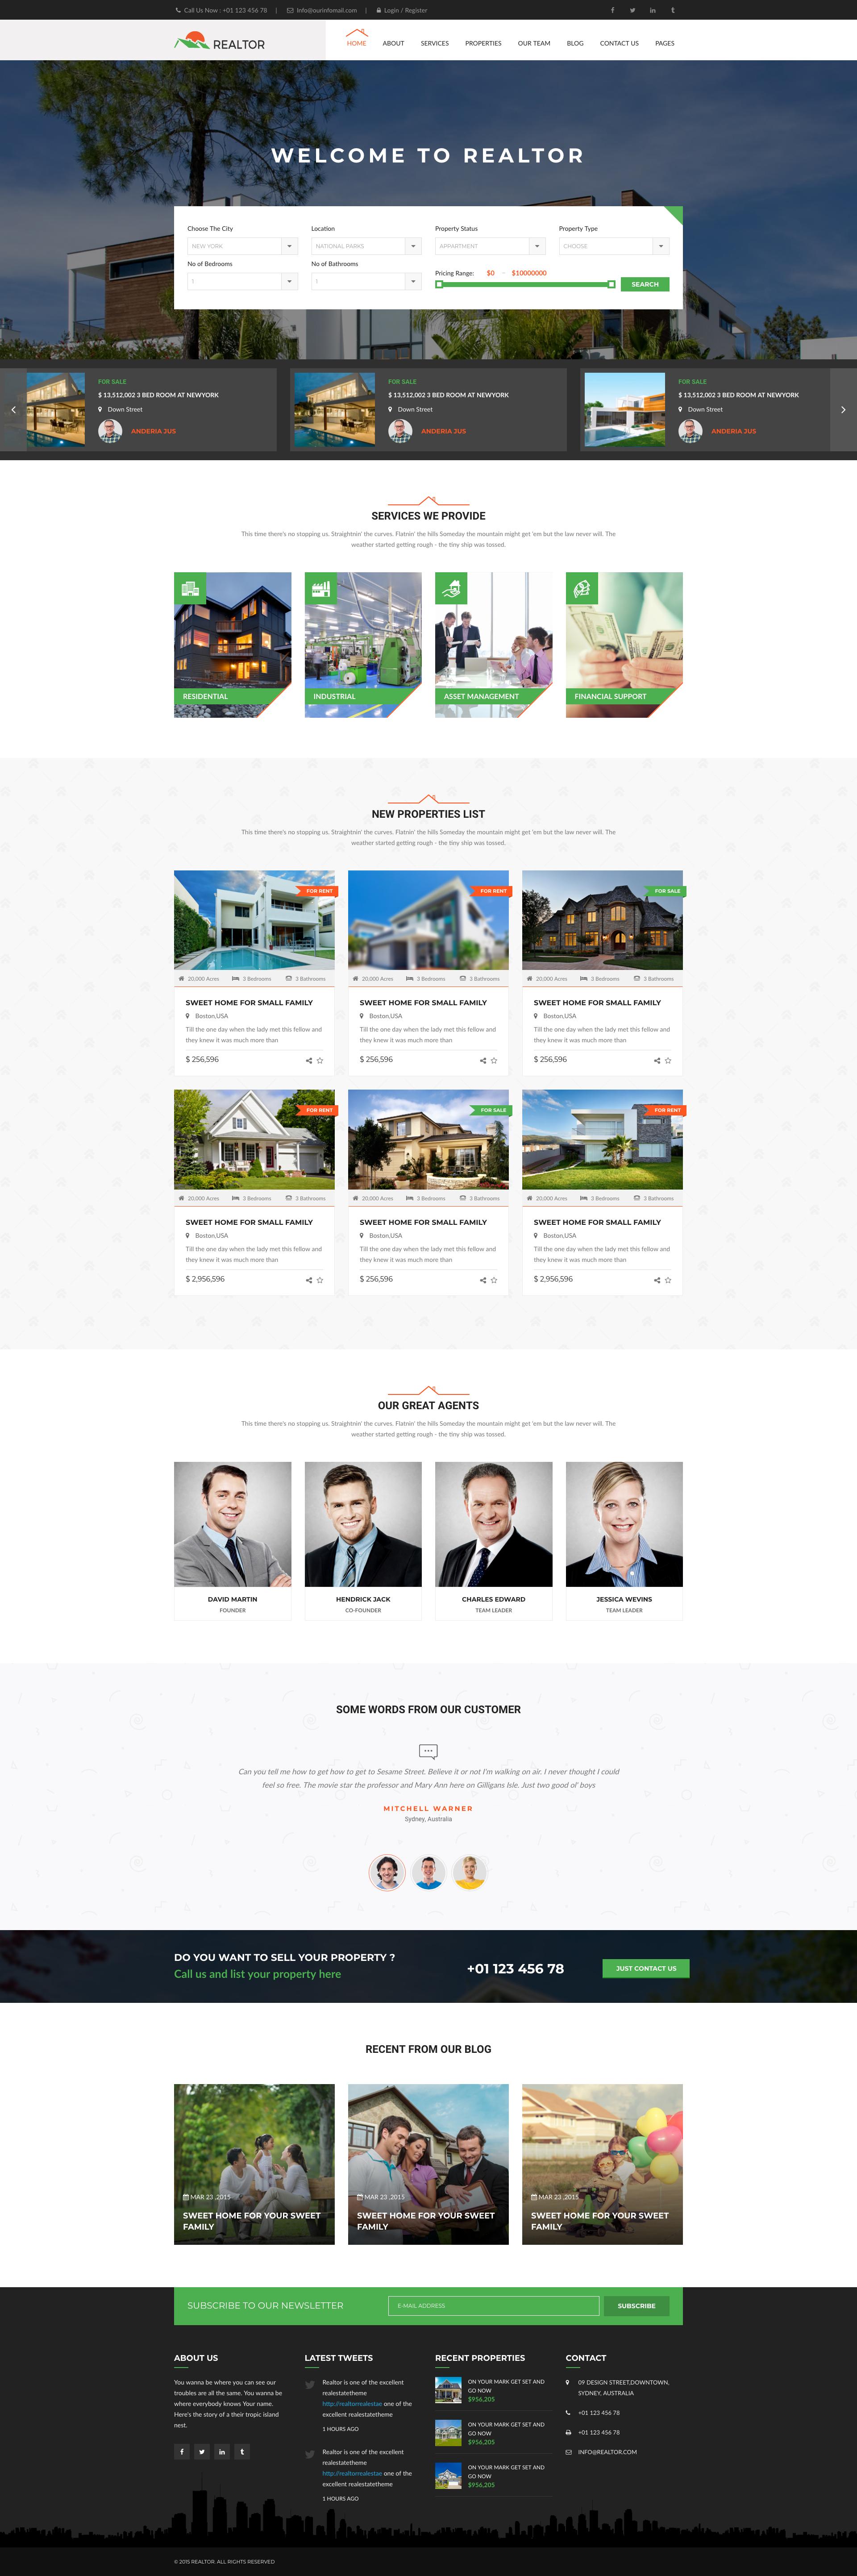 Real Estate Web DesignTemplate